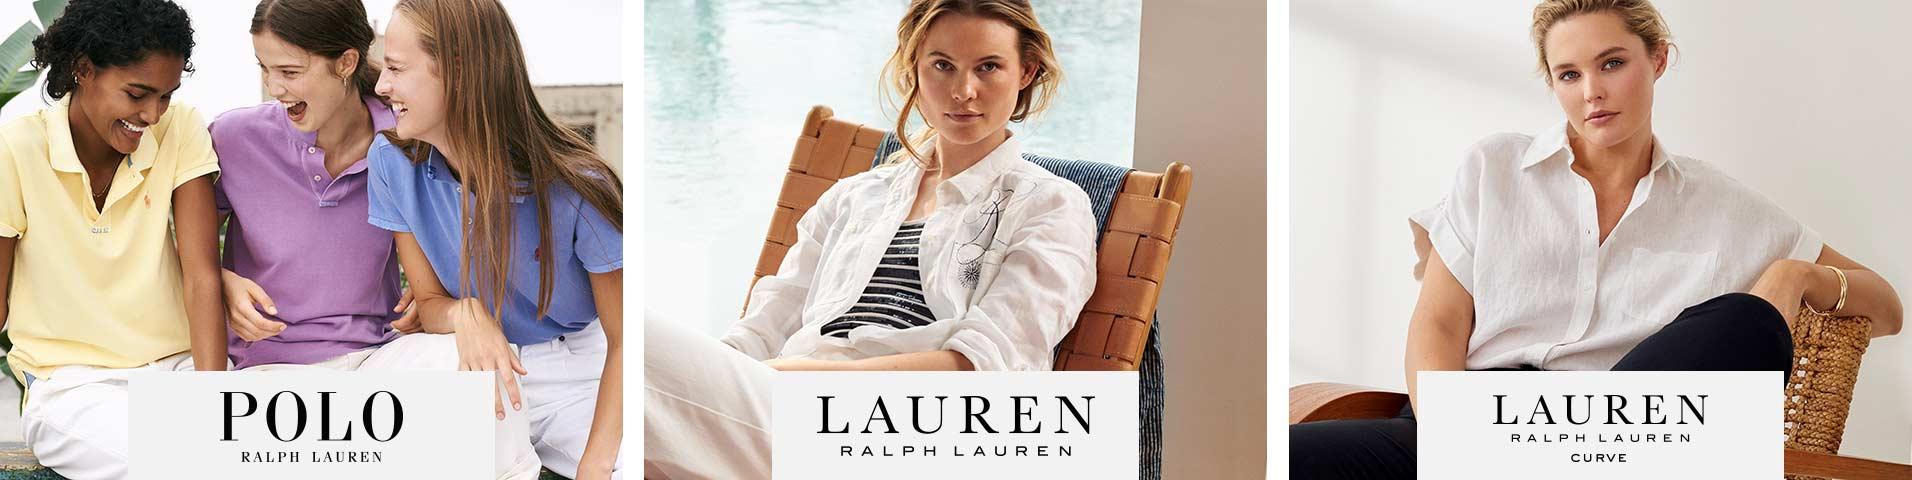 d329fcaf29 La collezione Polo Ralph Lauren donna in promozione su Zalando